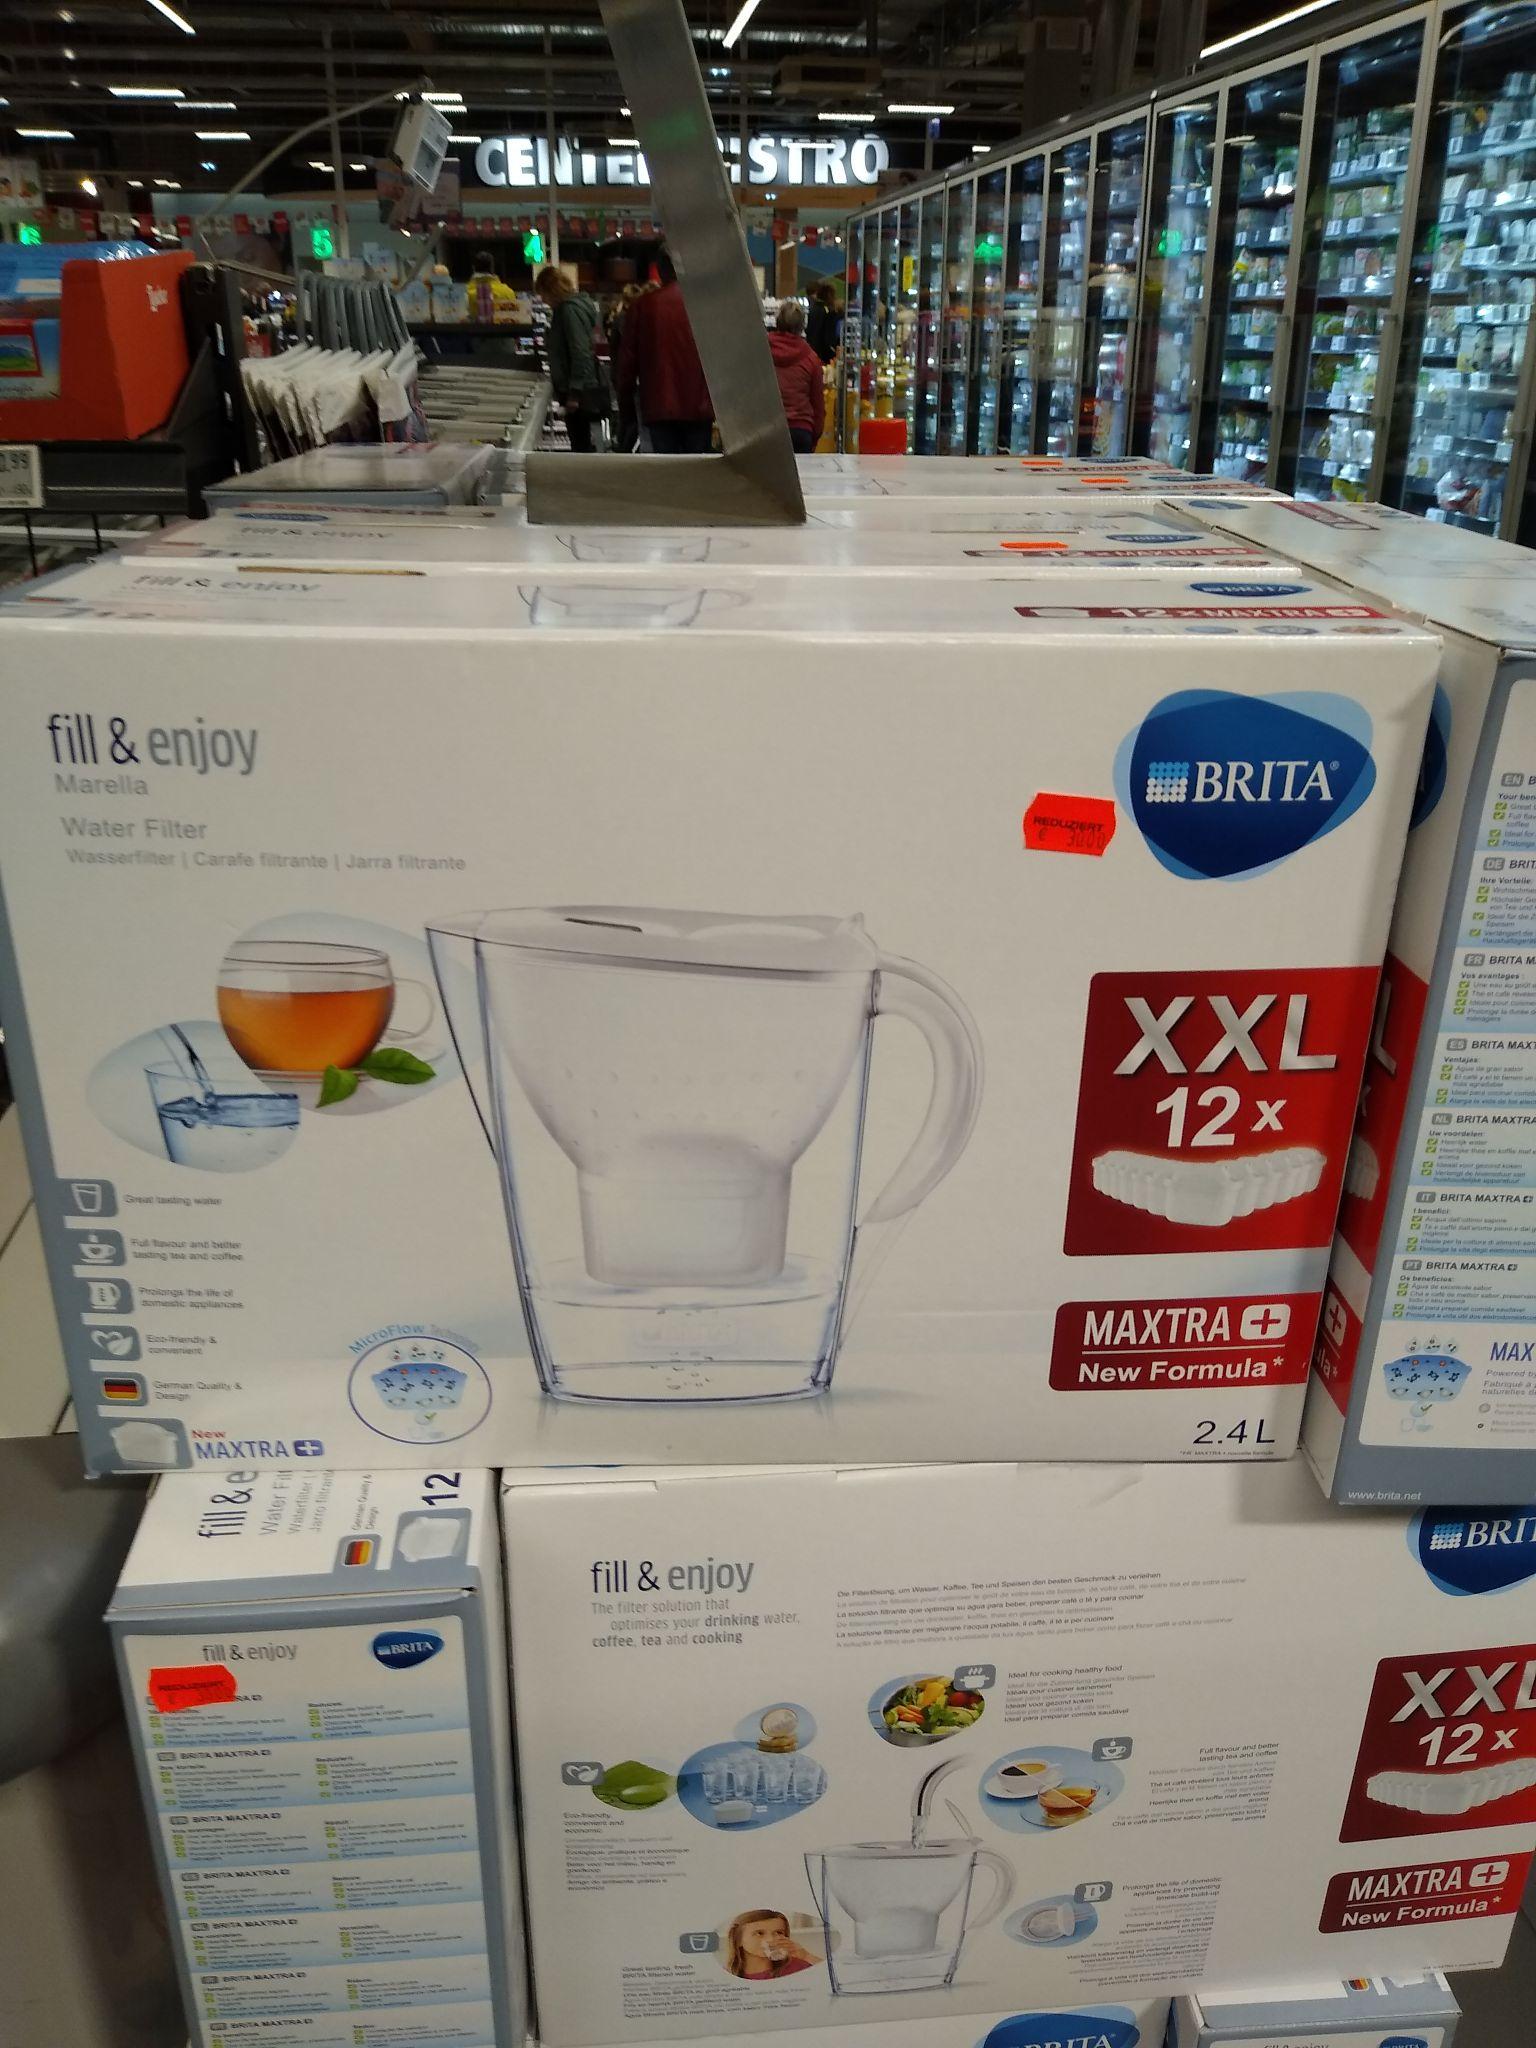 [Lokal Rewe Elsterwerda] Brita Wasserfilter XXL 12er Pack